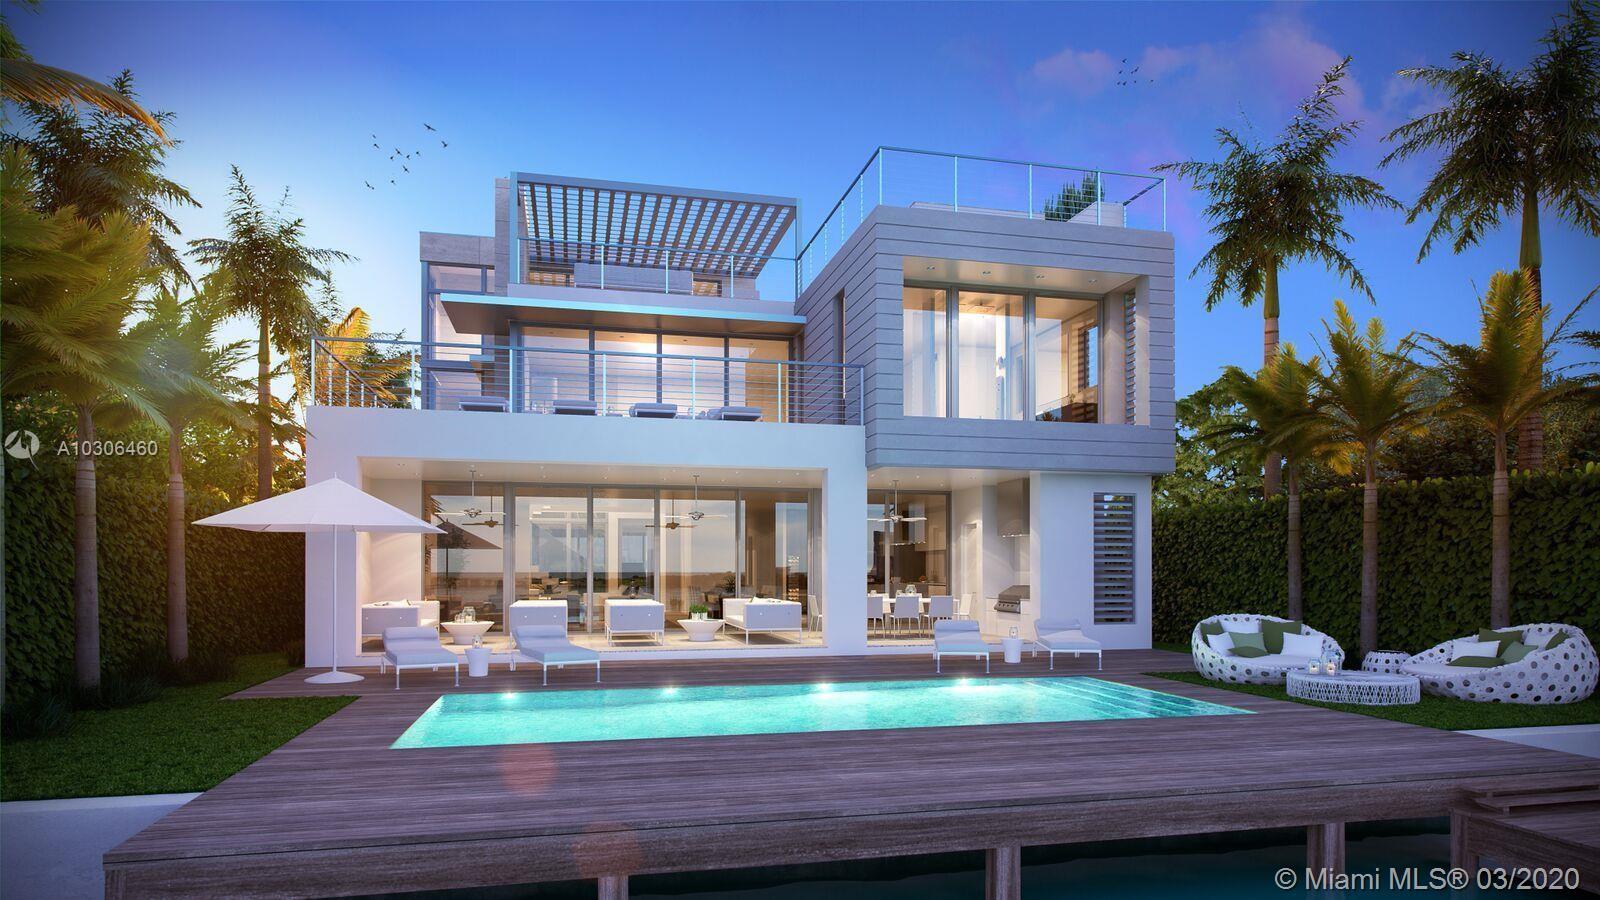 Usa immobilier 7032 usa acheter des maisons bas prix for Acheter maison usa